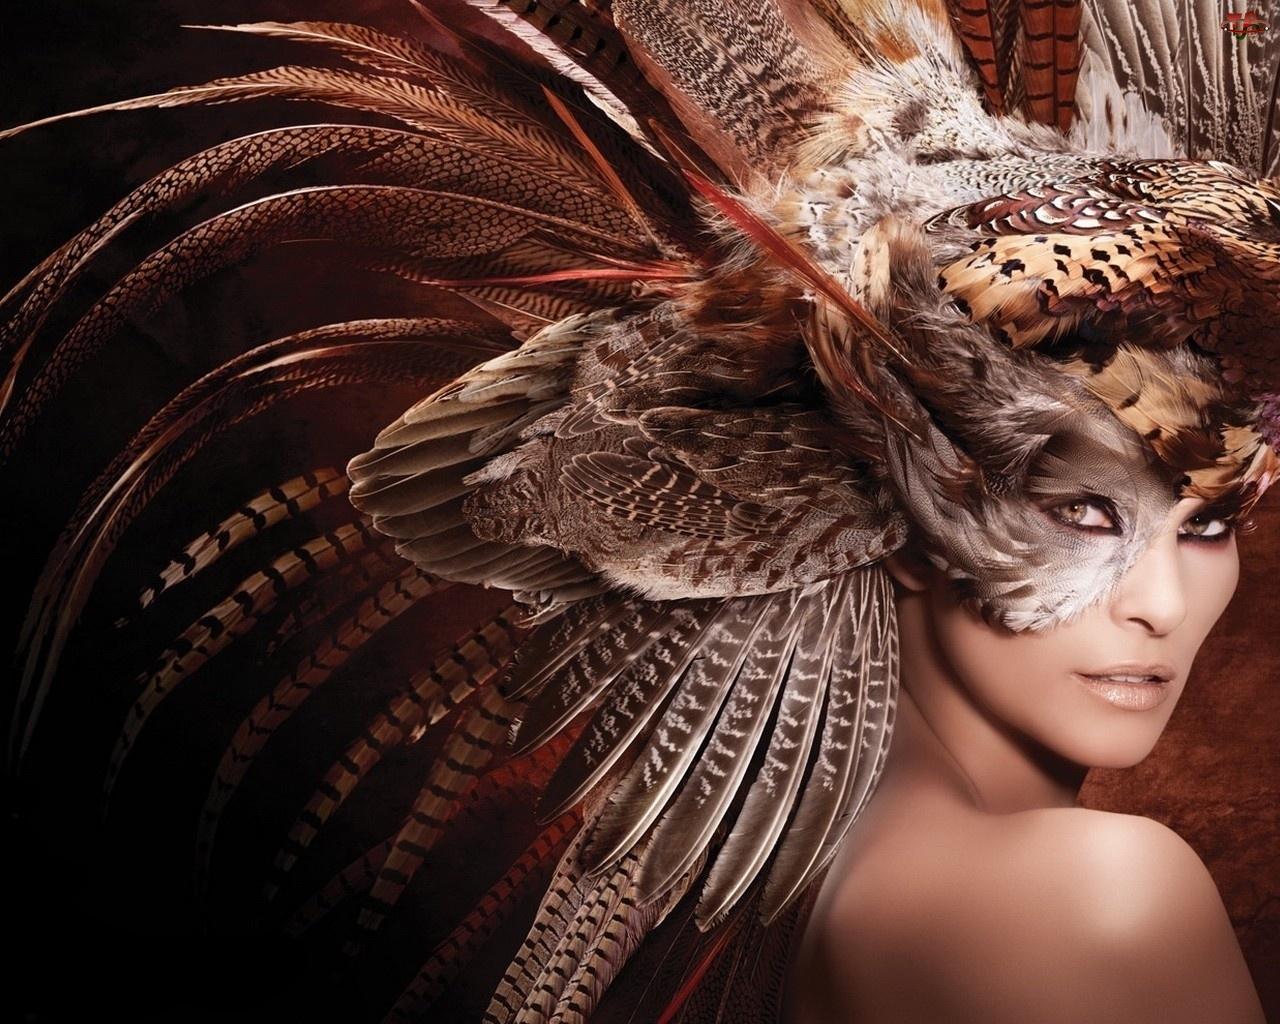 Pióropusz, Kobieta, Maska